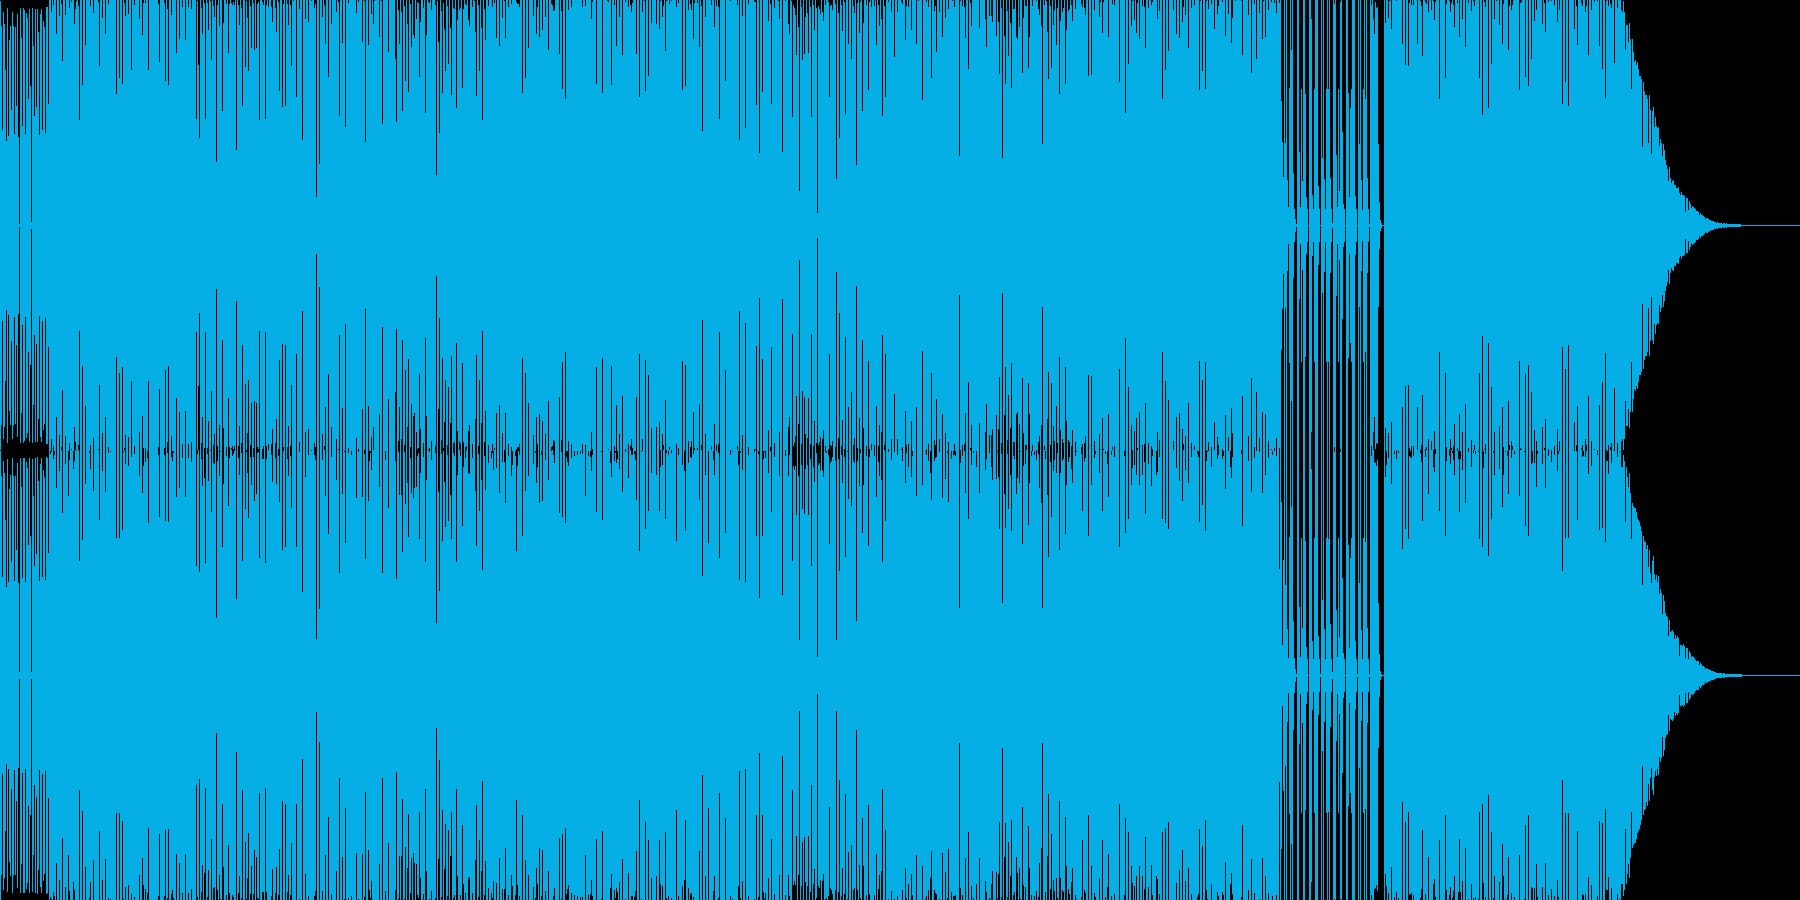 太いBass切れの良いメロラインBeatの再生済みの波形